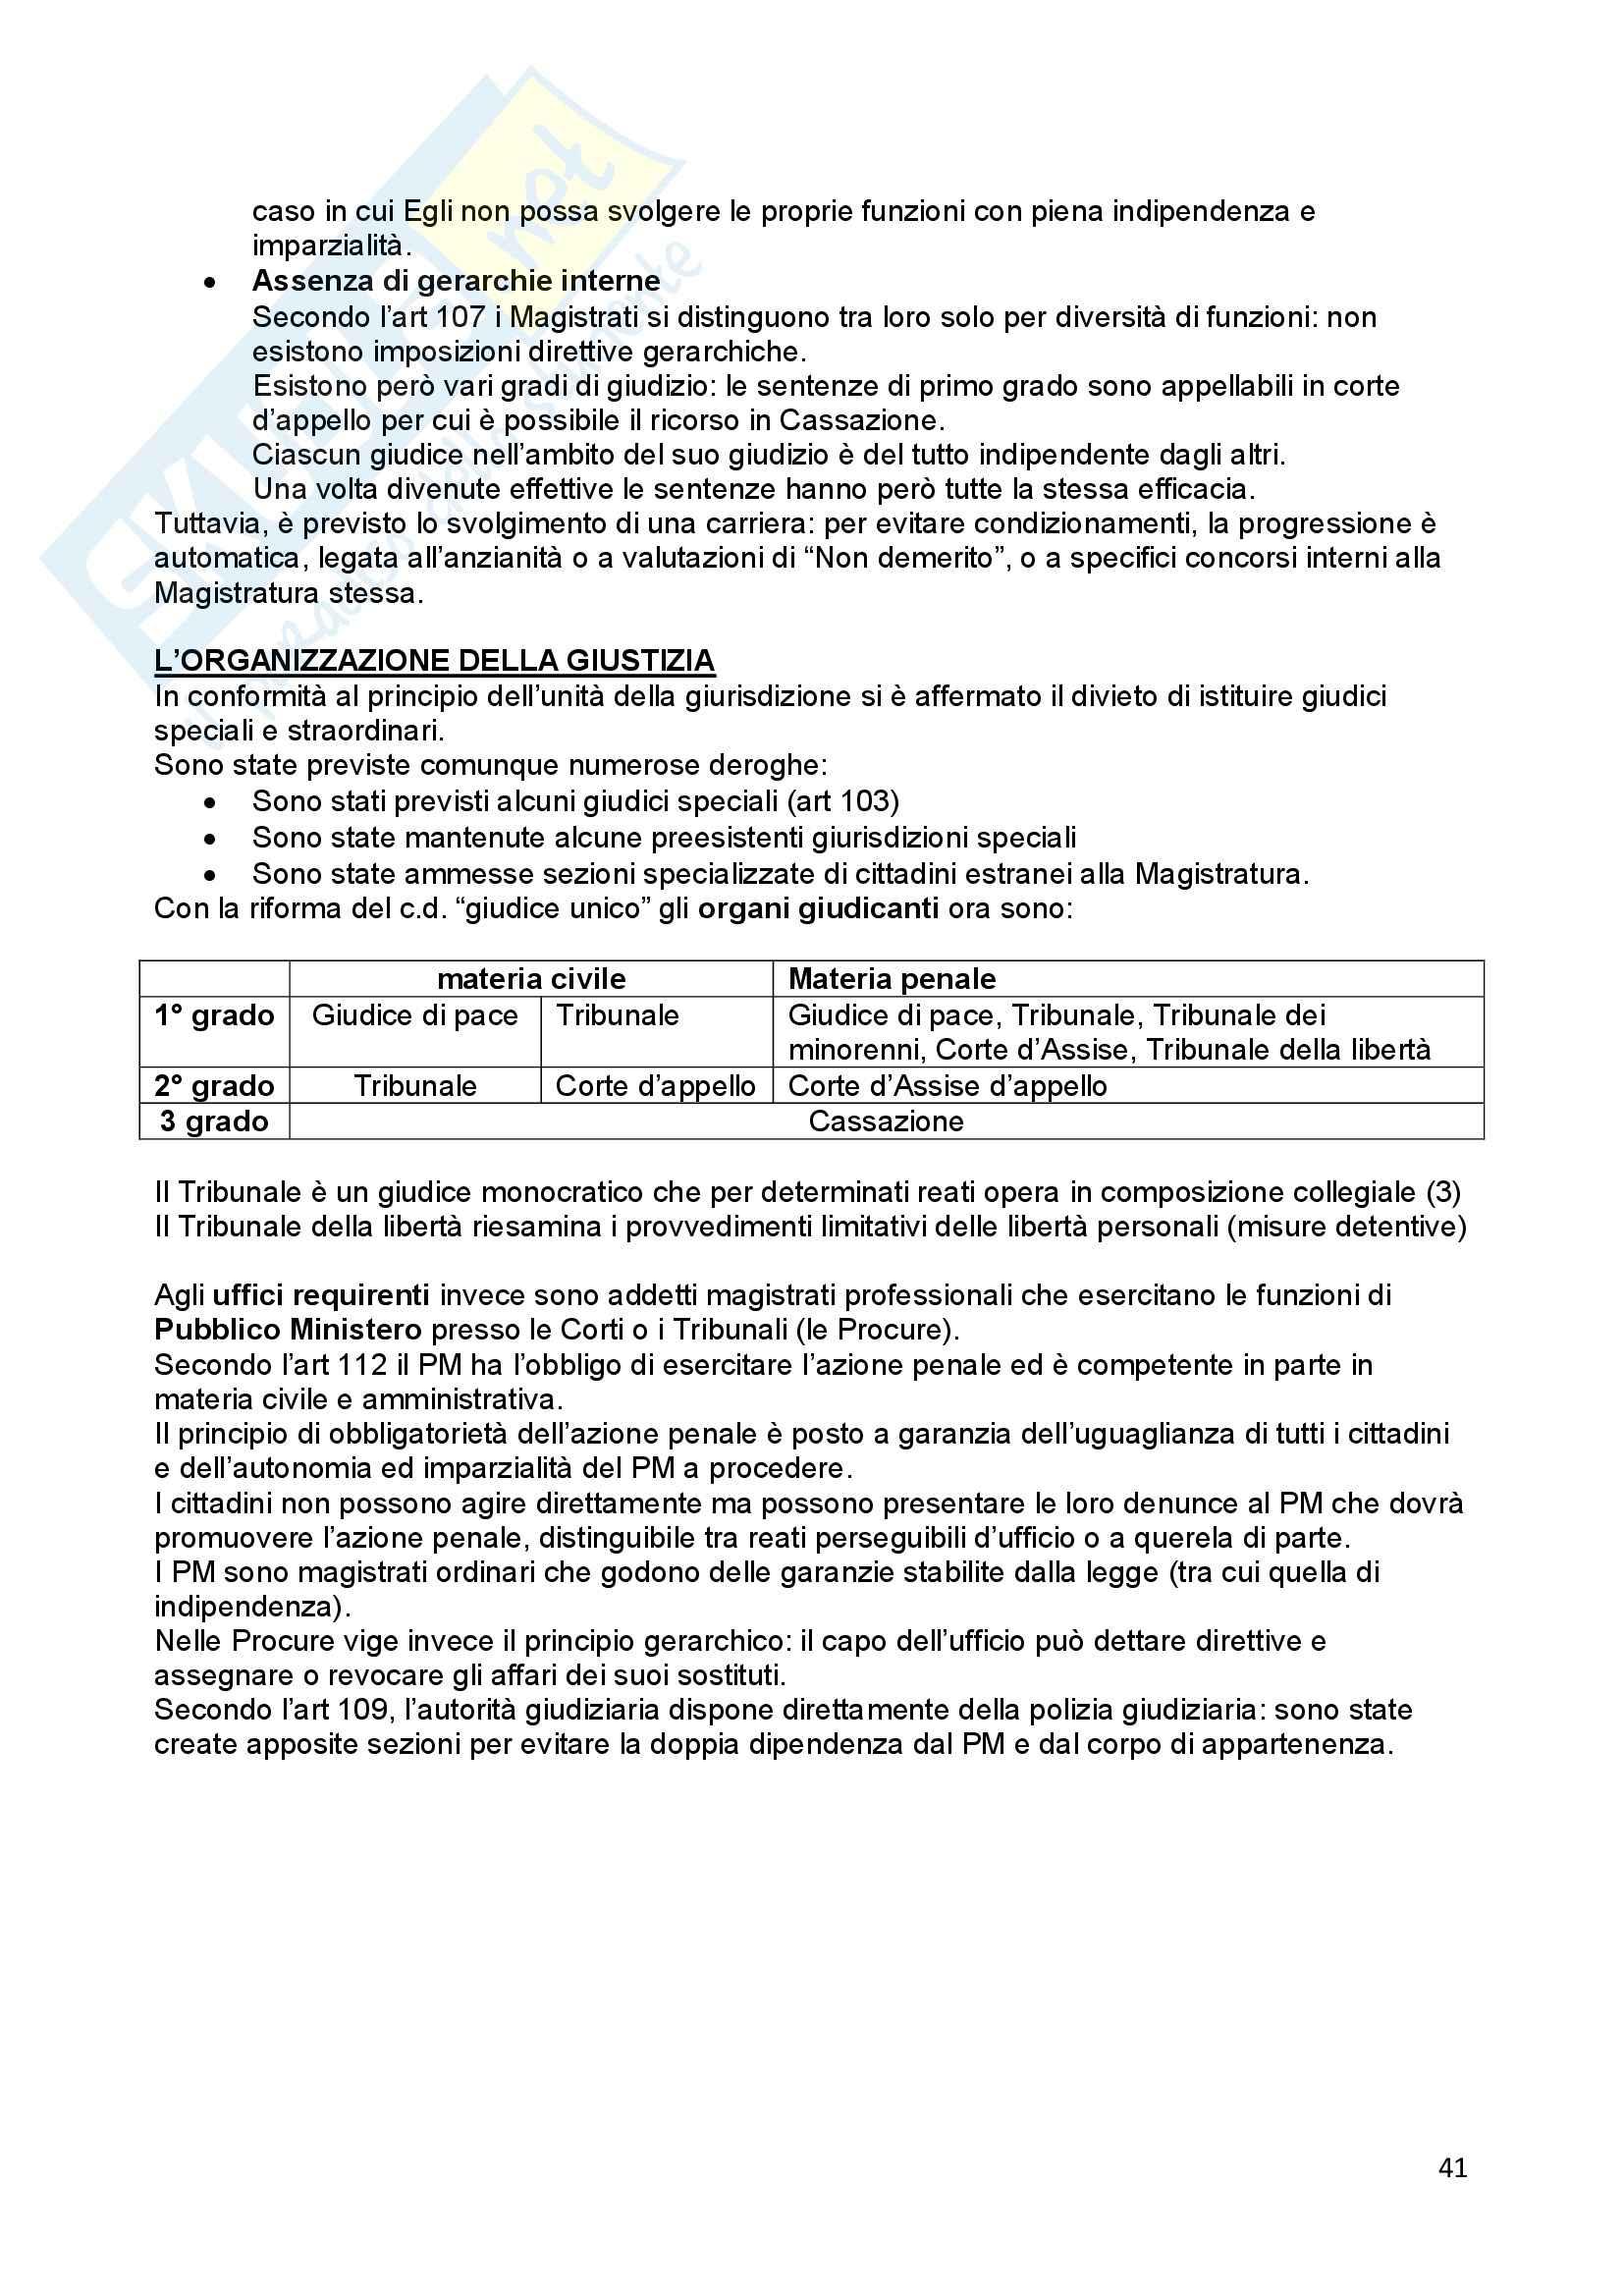 Riassunto esame Diritto Costituzionale, prof. Ferri, libro consigliato Compendio di Diritto Costituzionale,Onida e Pedrazza Gorlero Pag. 41